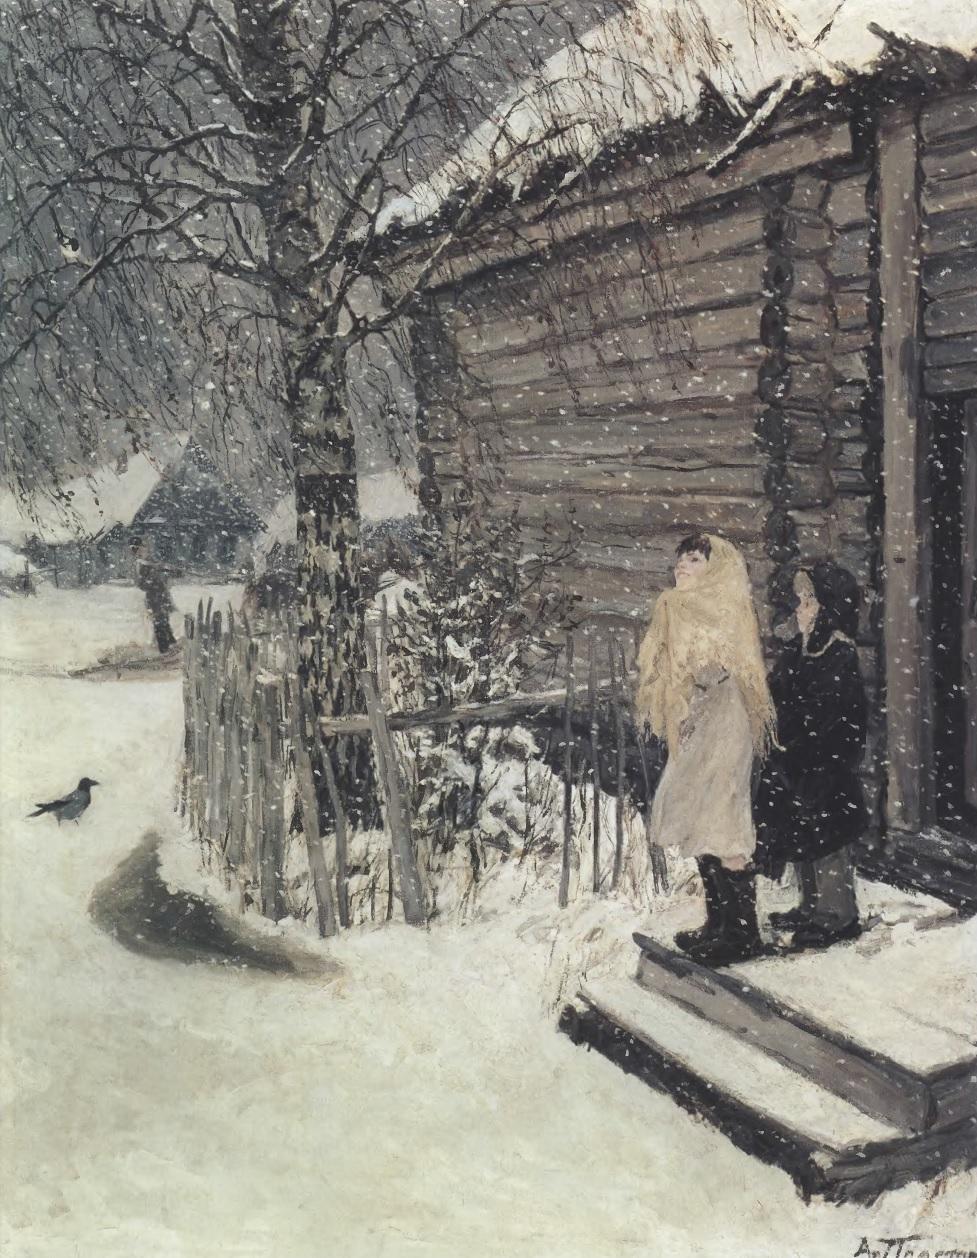 АРКАДИЙ ПЛАСТОВ. Первый снег. 1946. Холст, масло. 146 х 113 см. Тверская областная картинная галерея